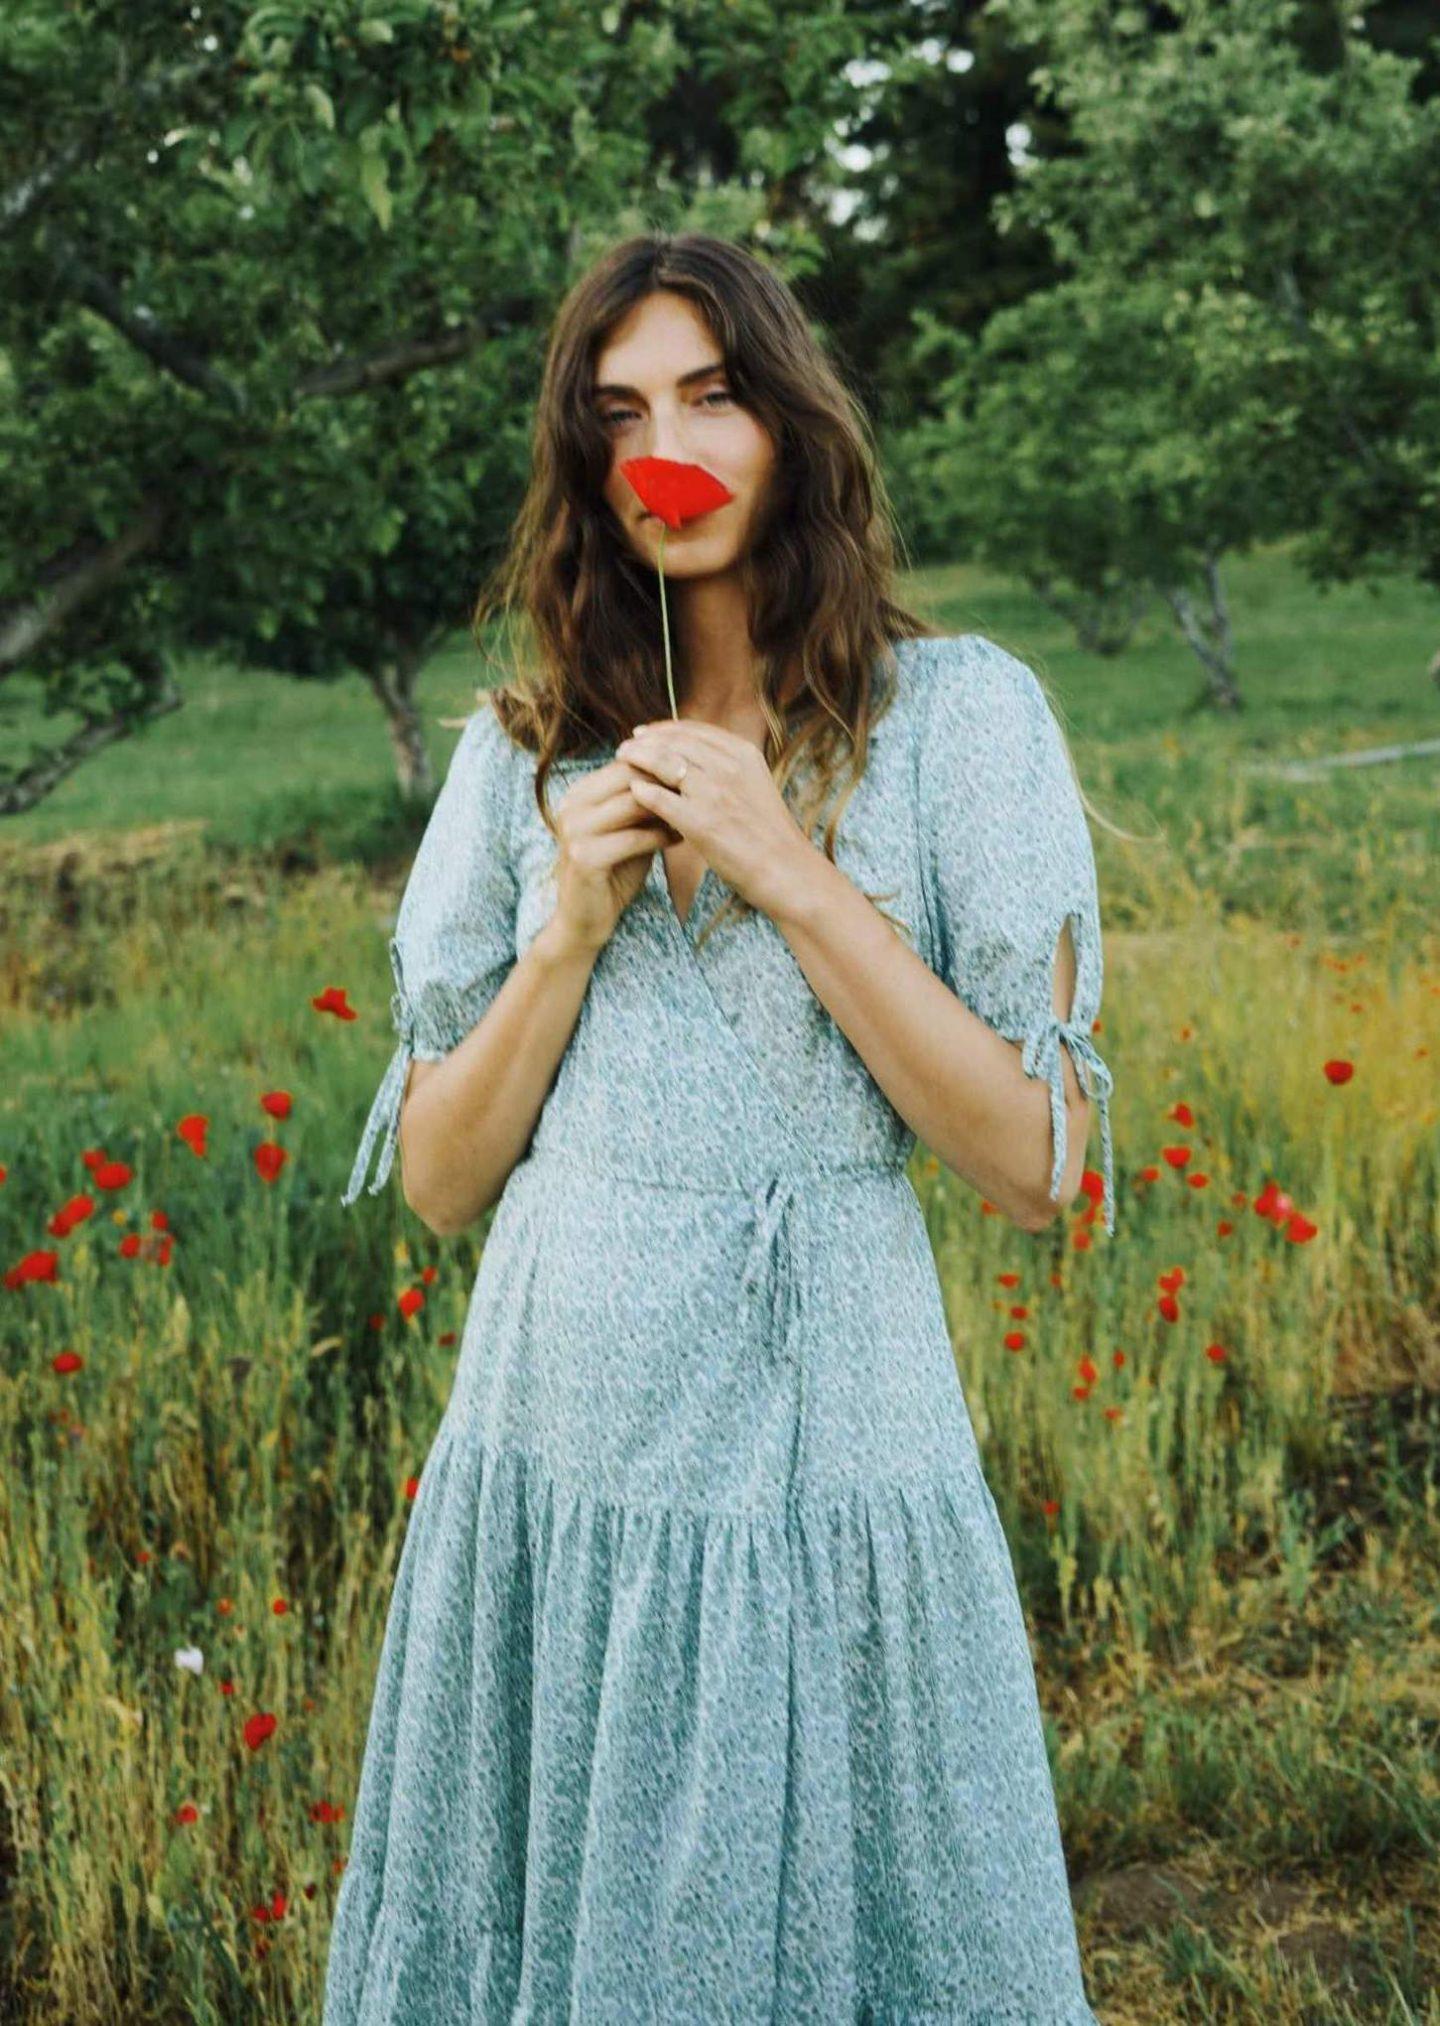 Blue meadow cottagecore dress